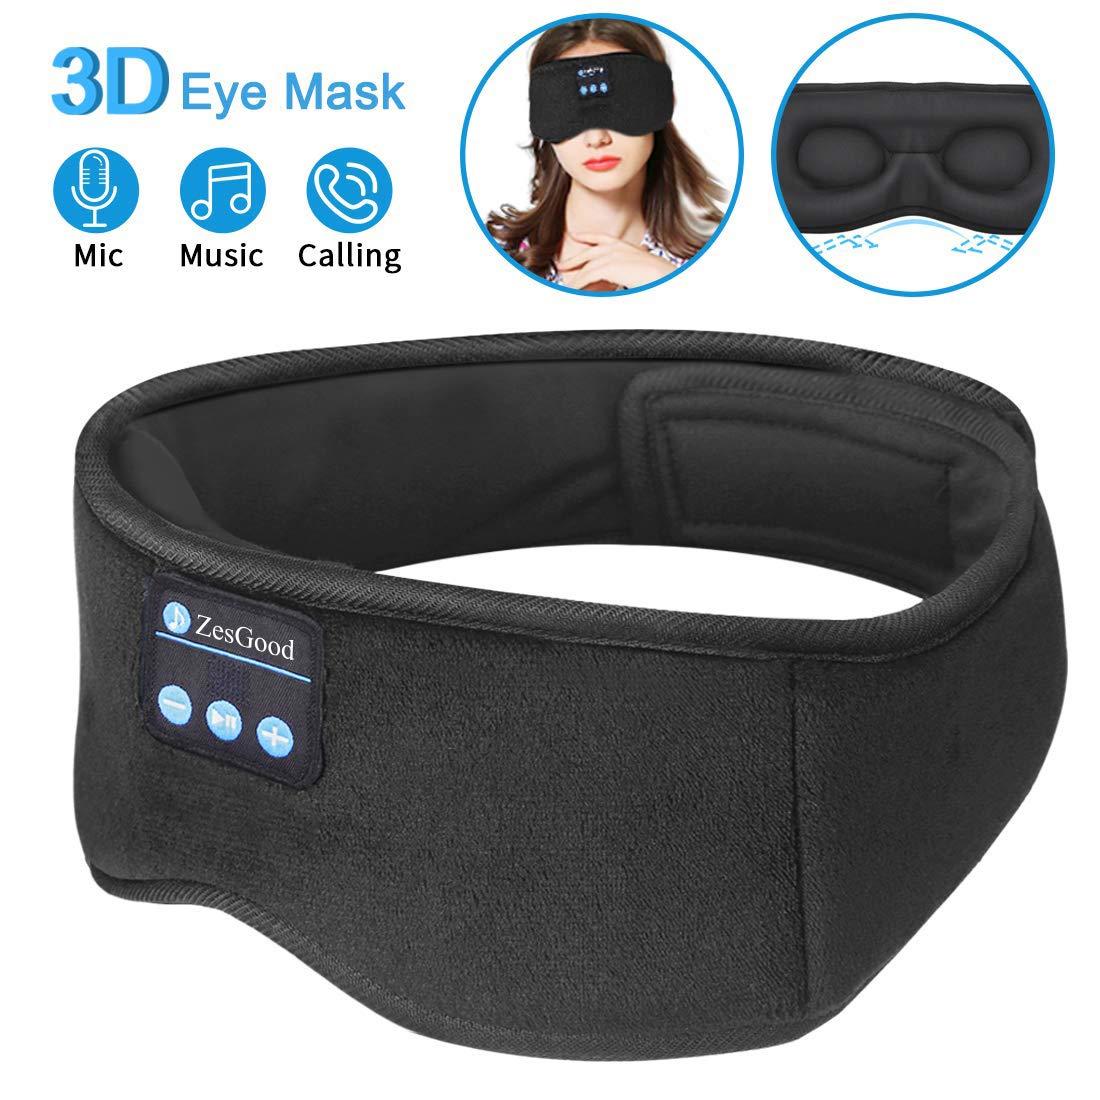 Headphones Bluetooth ZesGood Adjustable Handsfree